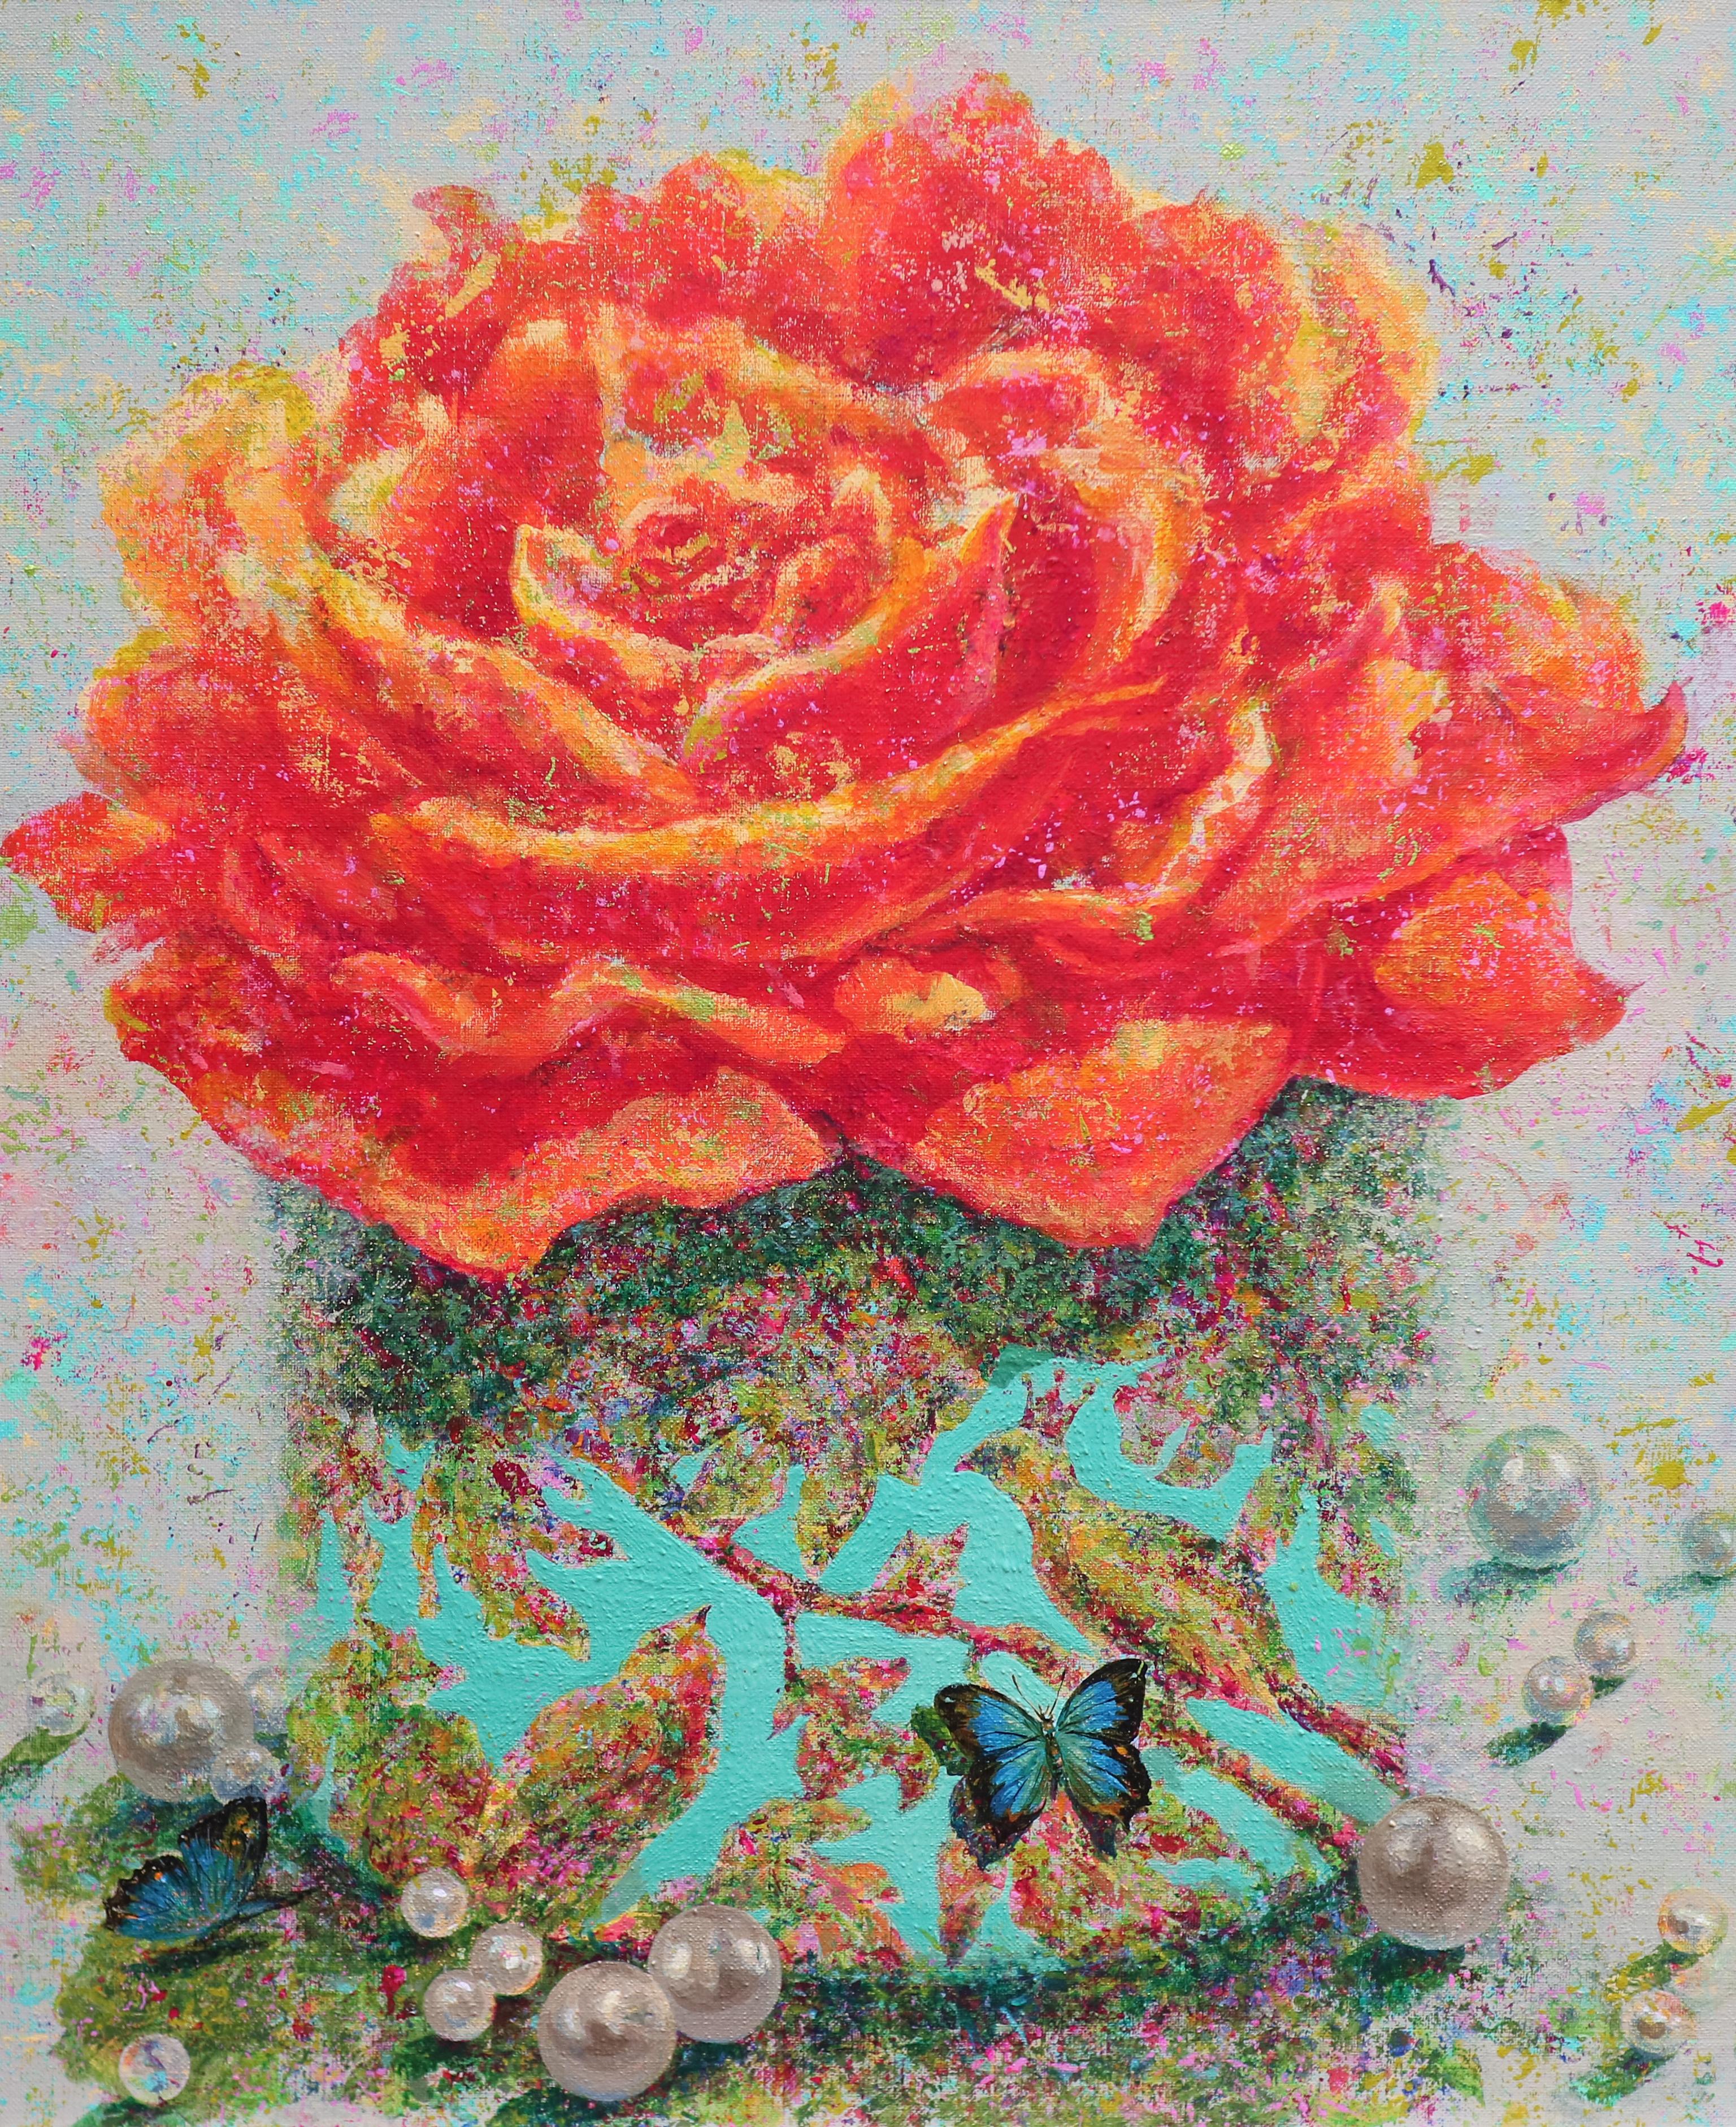 황미정, 그녀는 꽃 입니다, 60.6x 72.7cm, Acrylic on canvas, 2016